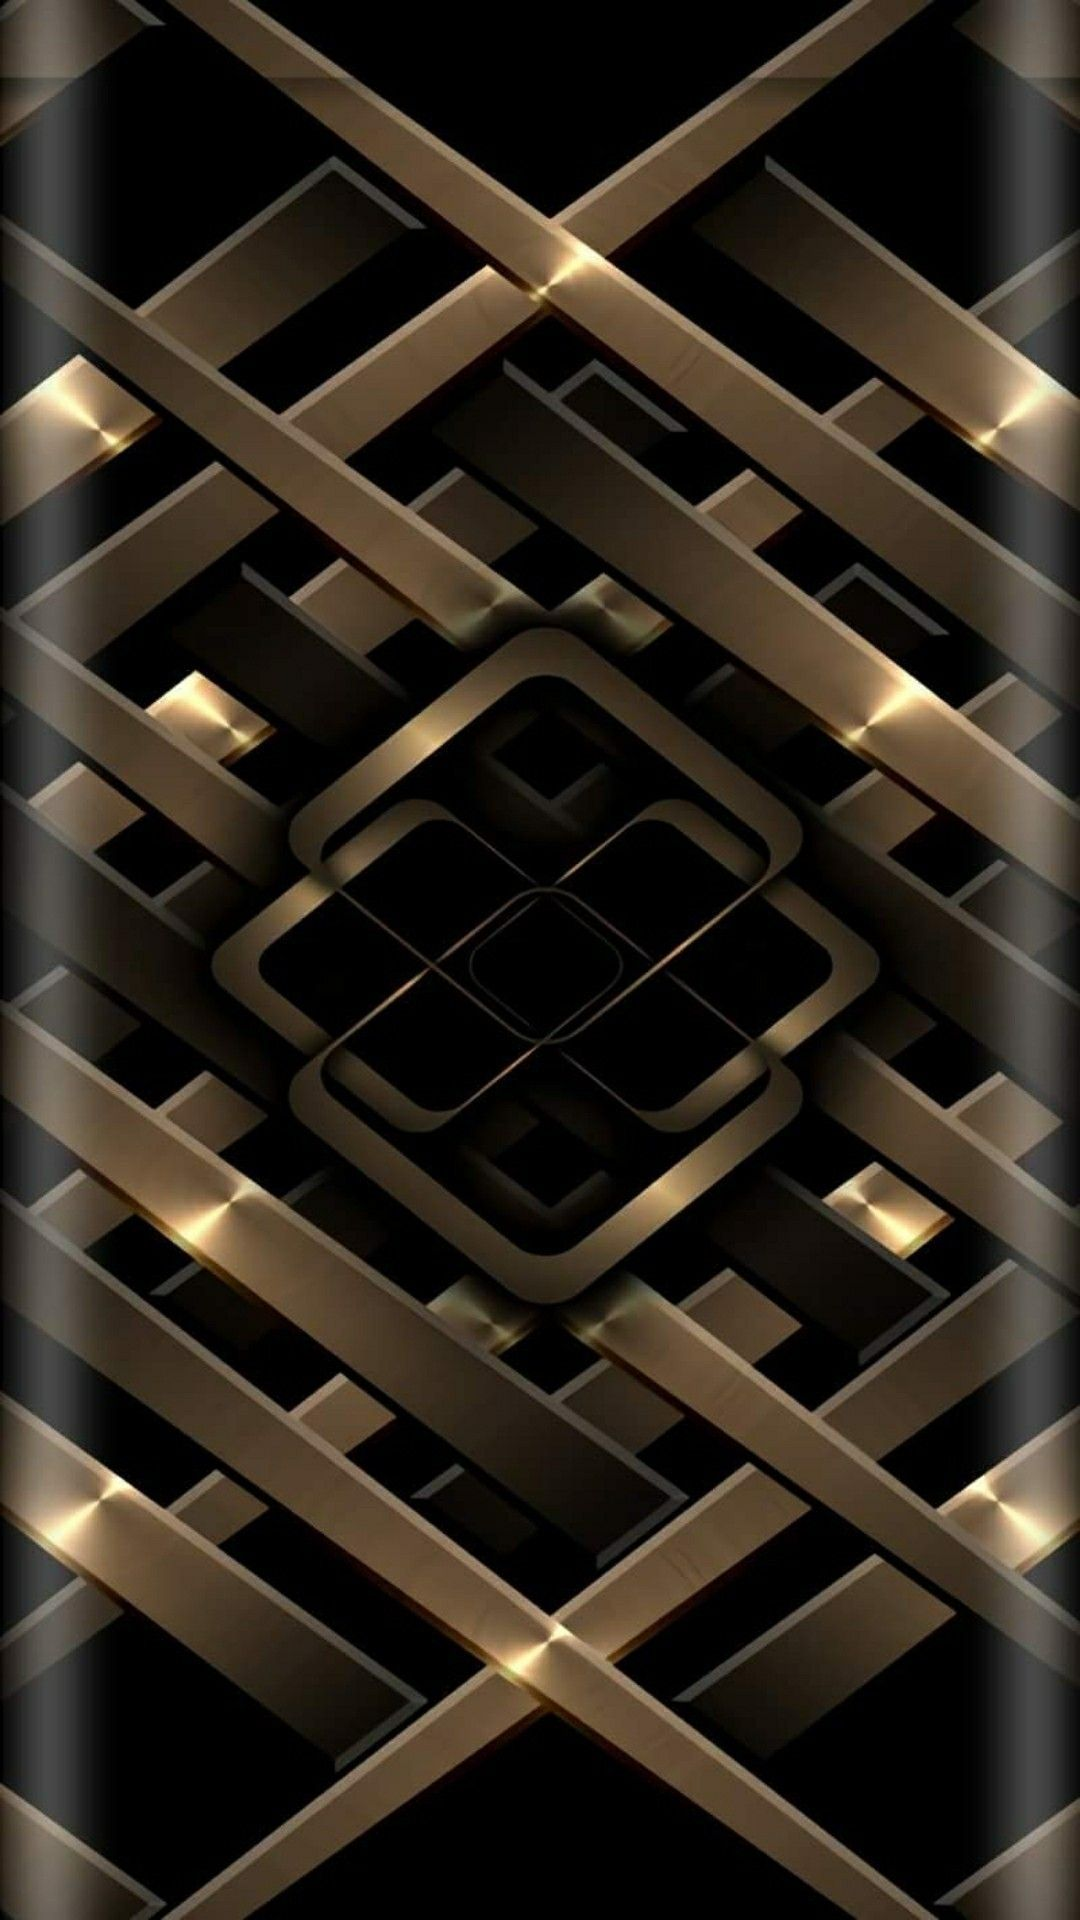 メタルゴールド ブラック 壁紙 Android 携帯電話の壁紙 スマホ壁紙